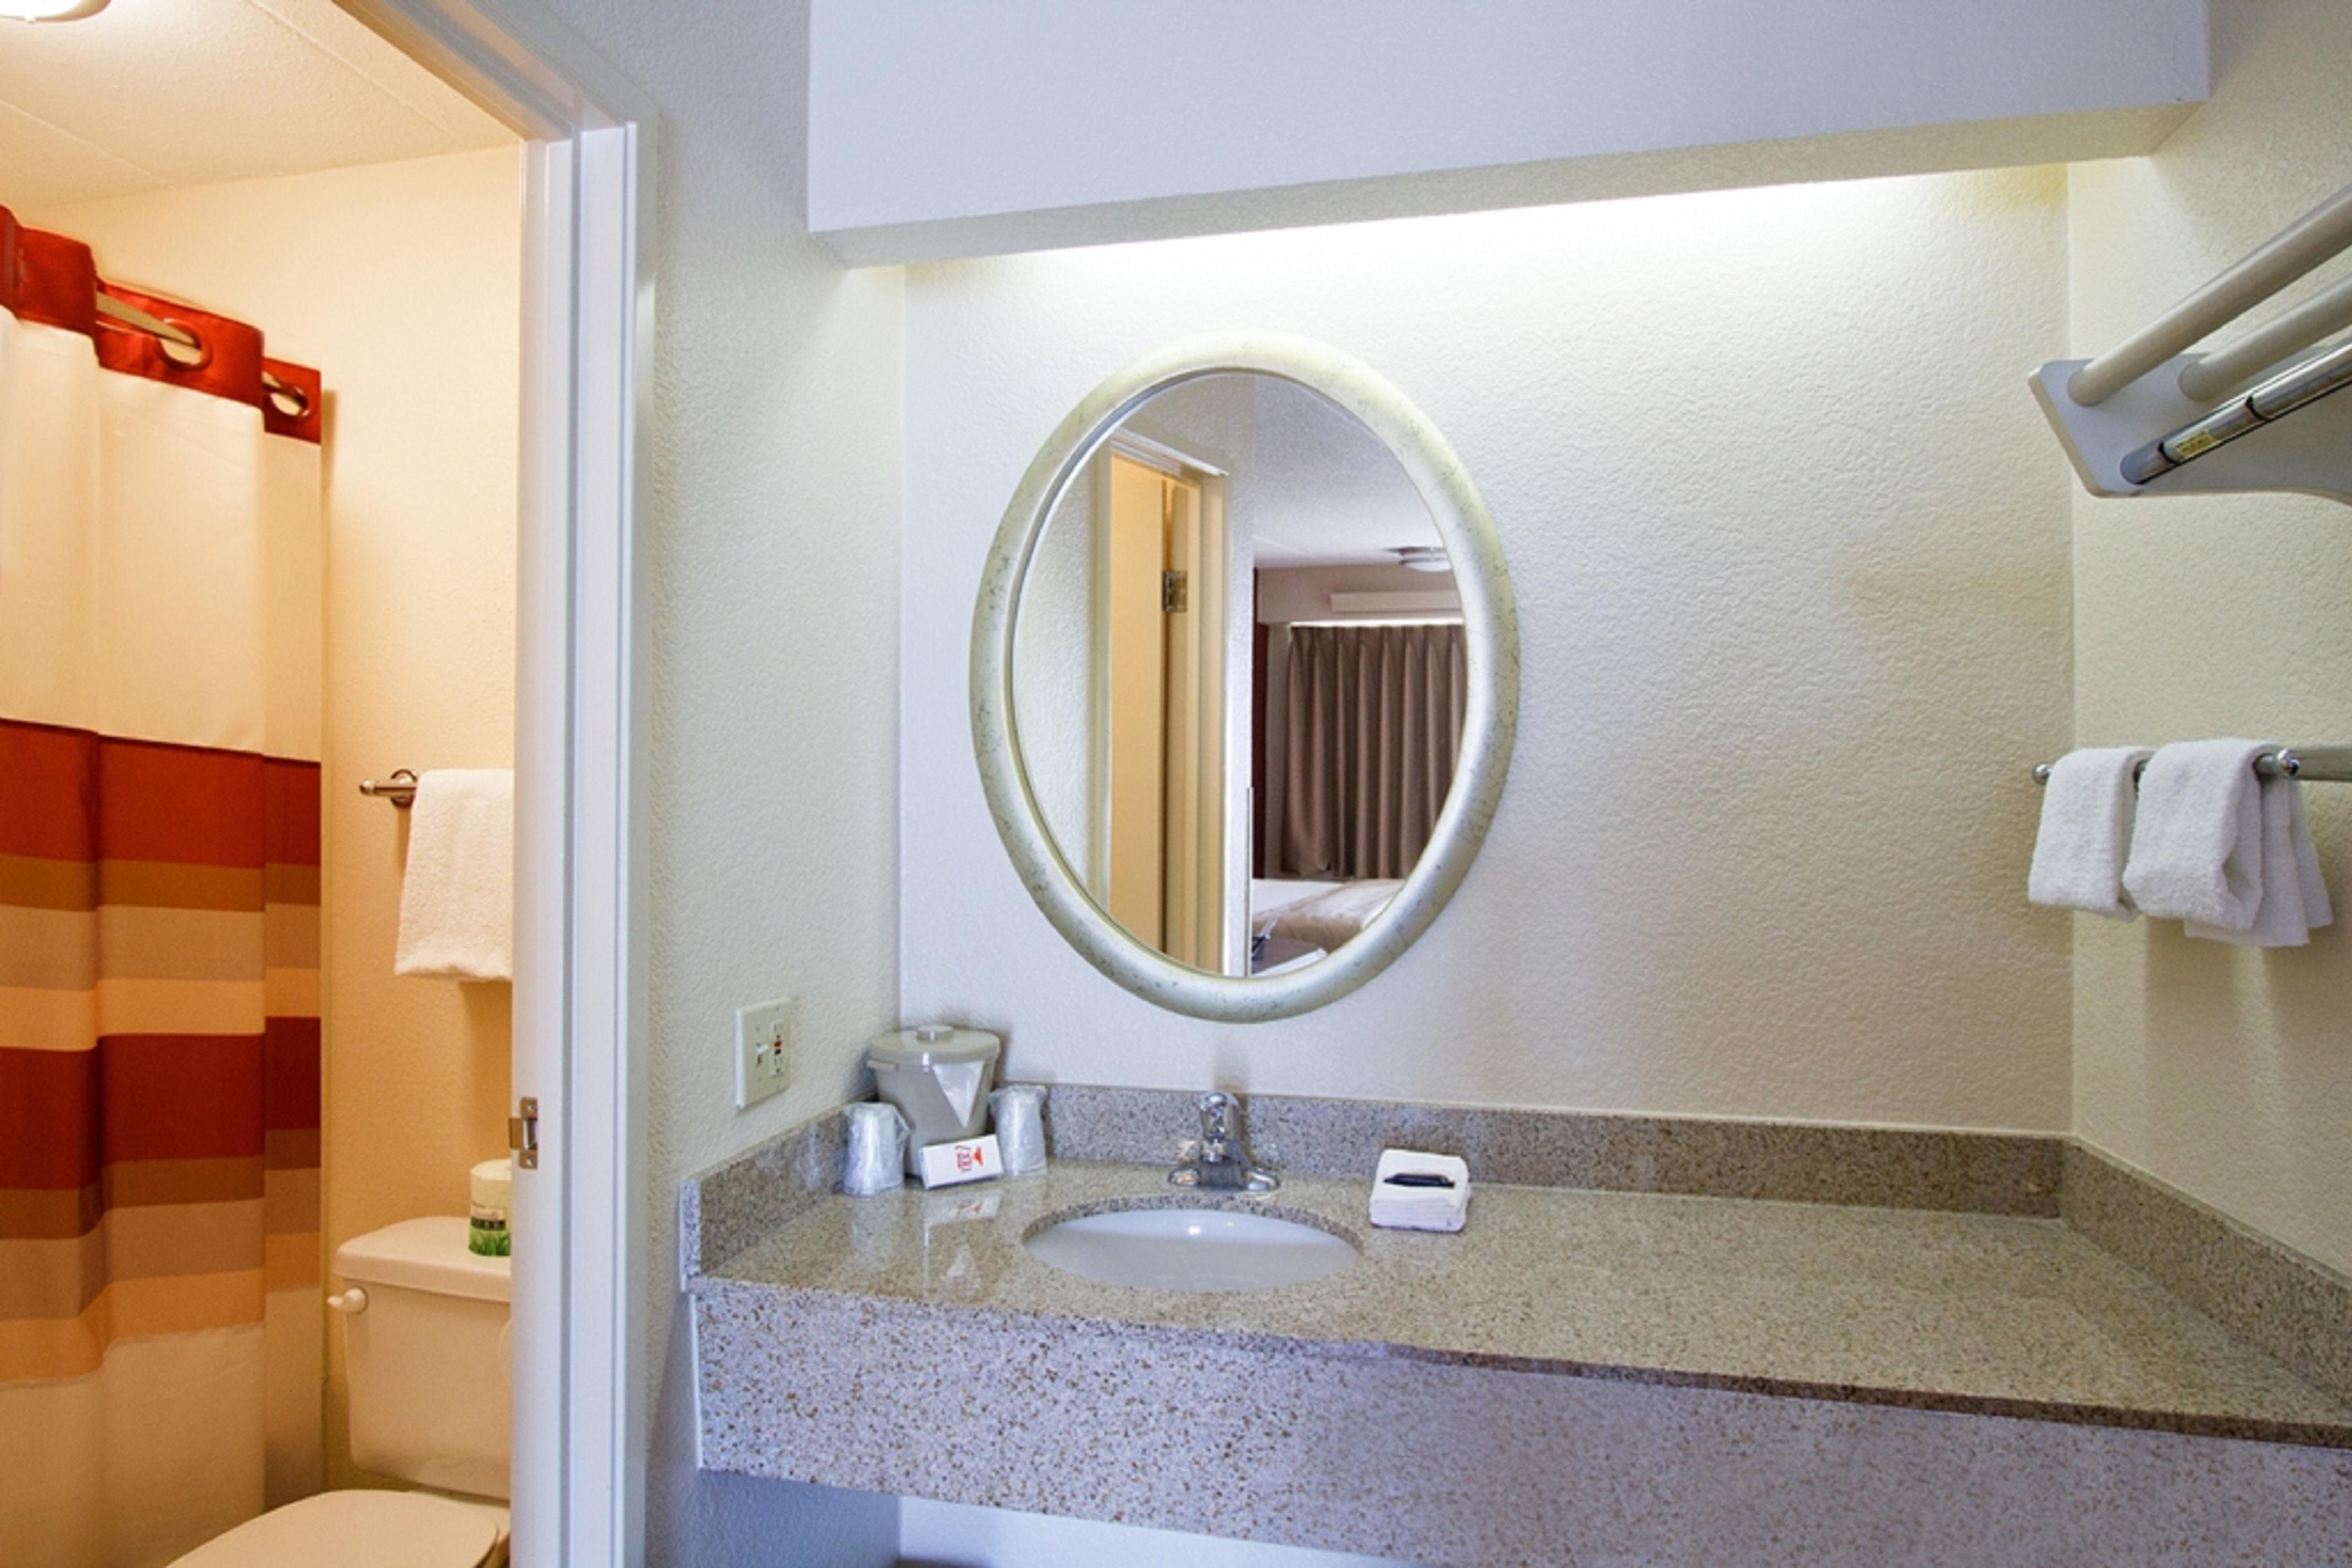 165-vanity-bath-2.jpg